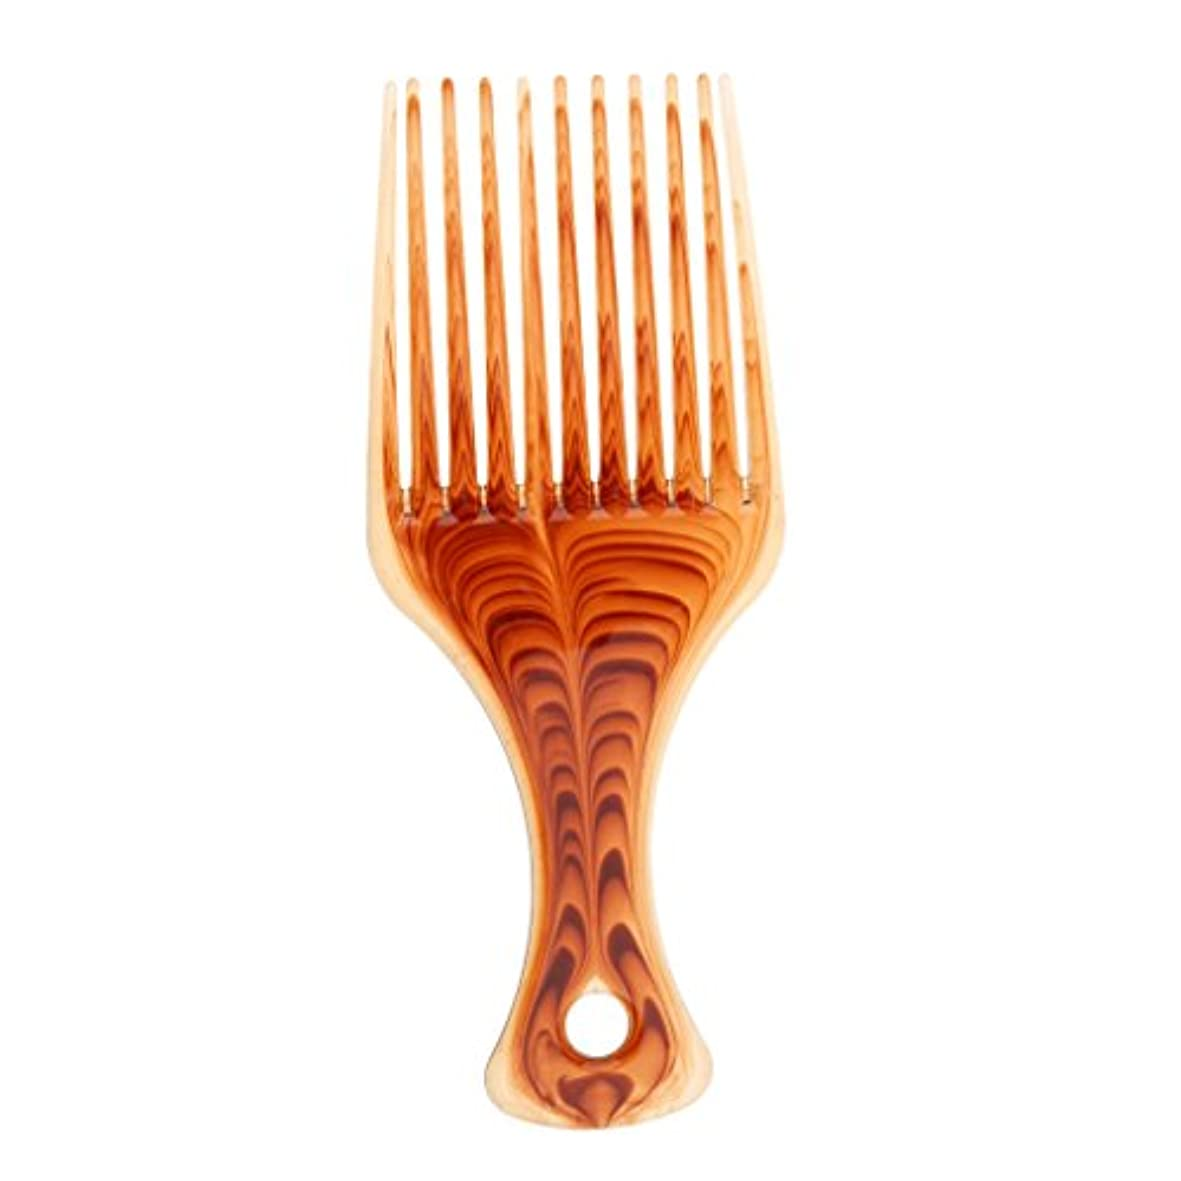 口径破壊磁石ヘアブラシ ヘアコーム くし プラスチック製 アフロ 髪の櫛 持ち上げ ヘアブラシ